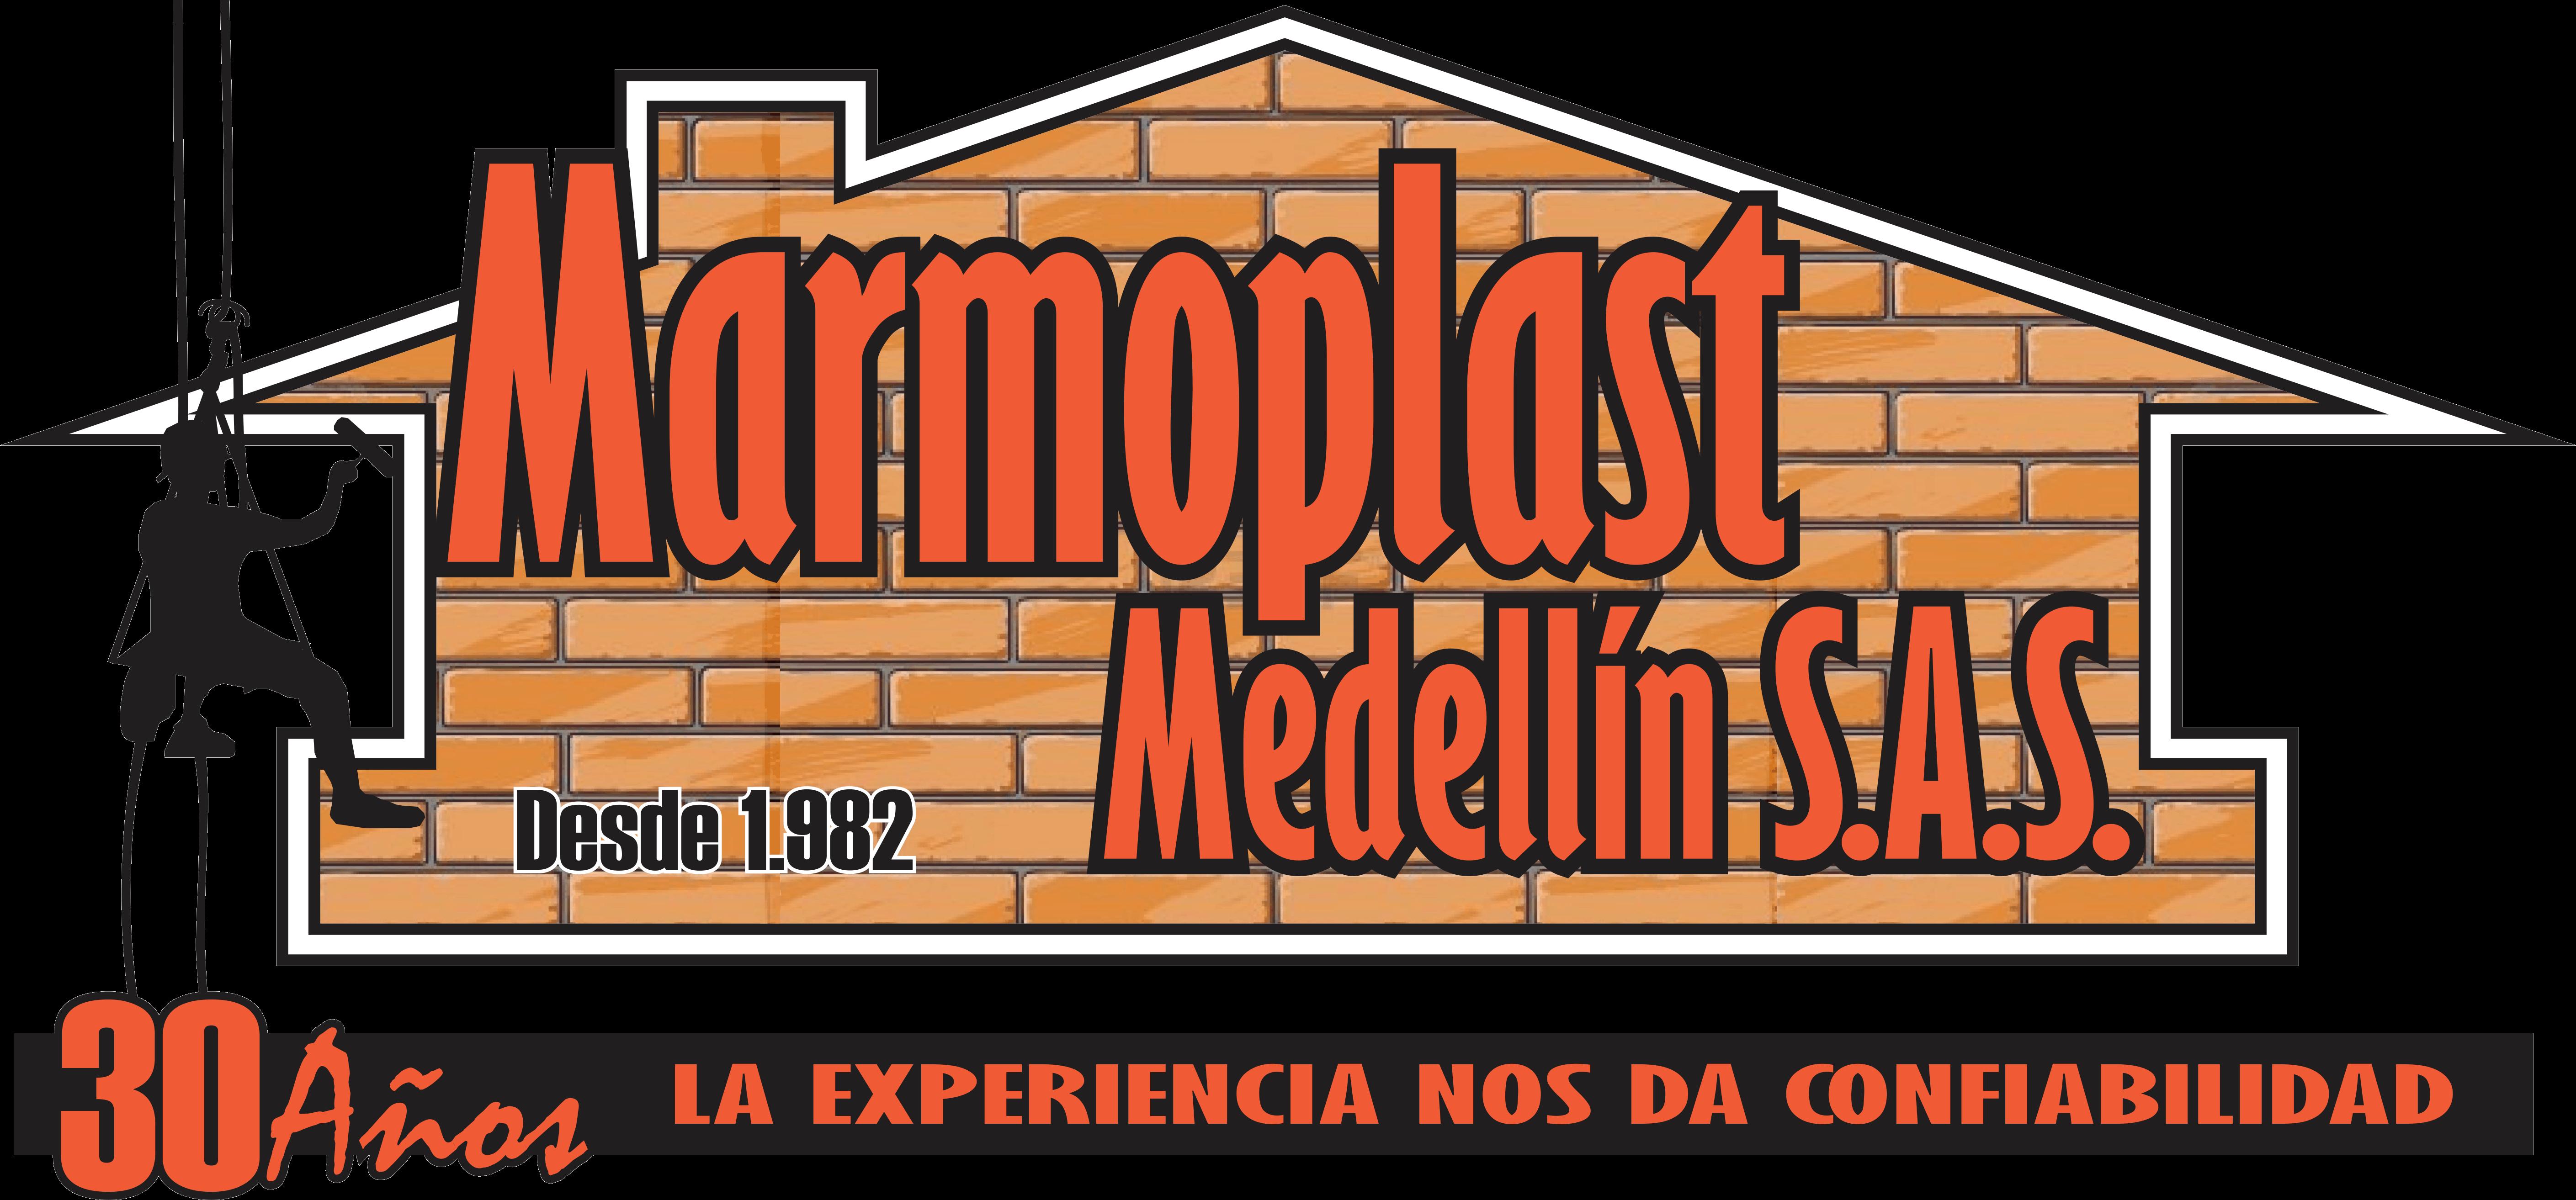 Mantenimiento de fachadas Medellín